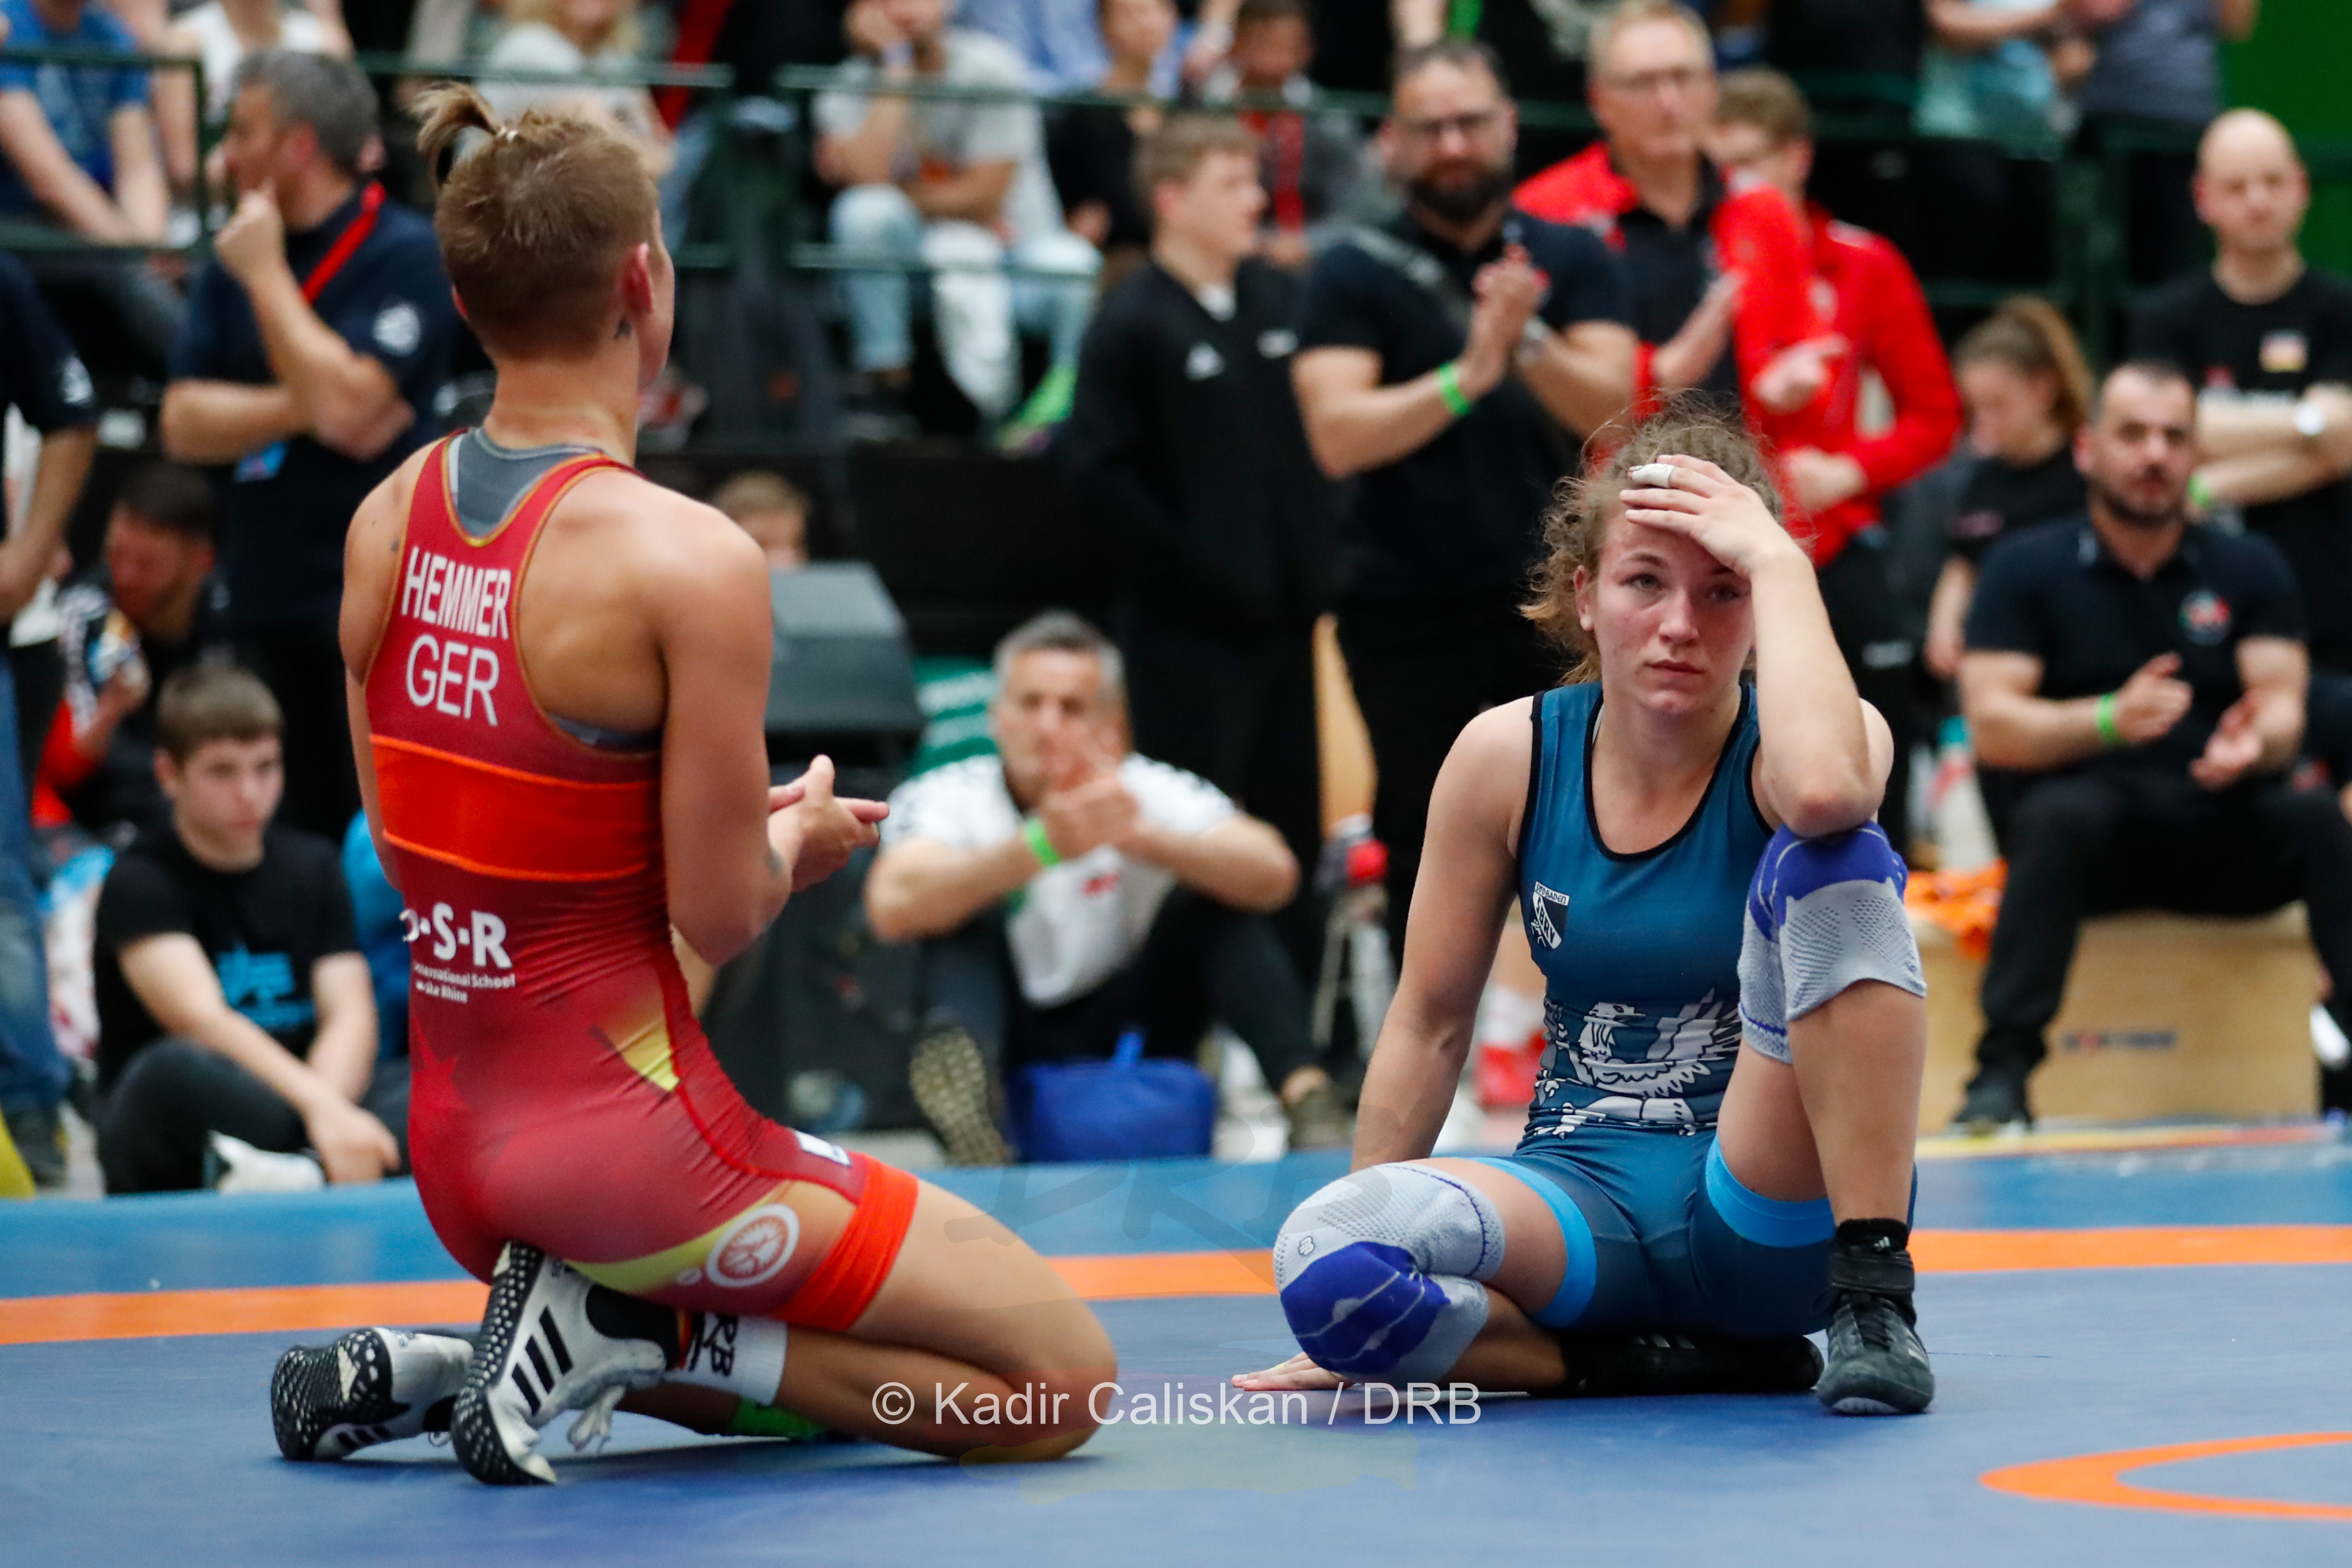 Ringen Deutsche Meisterschaften Frauen und Maenner